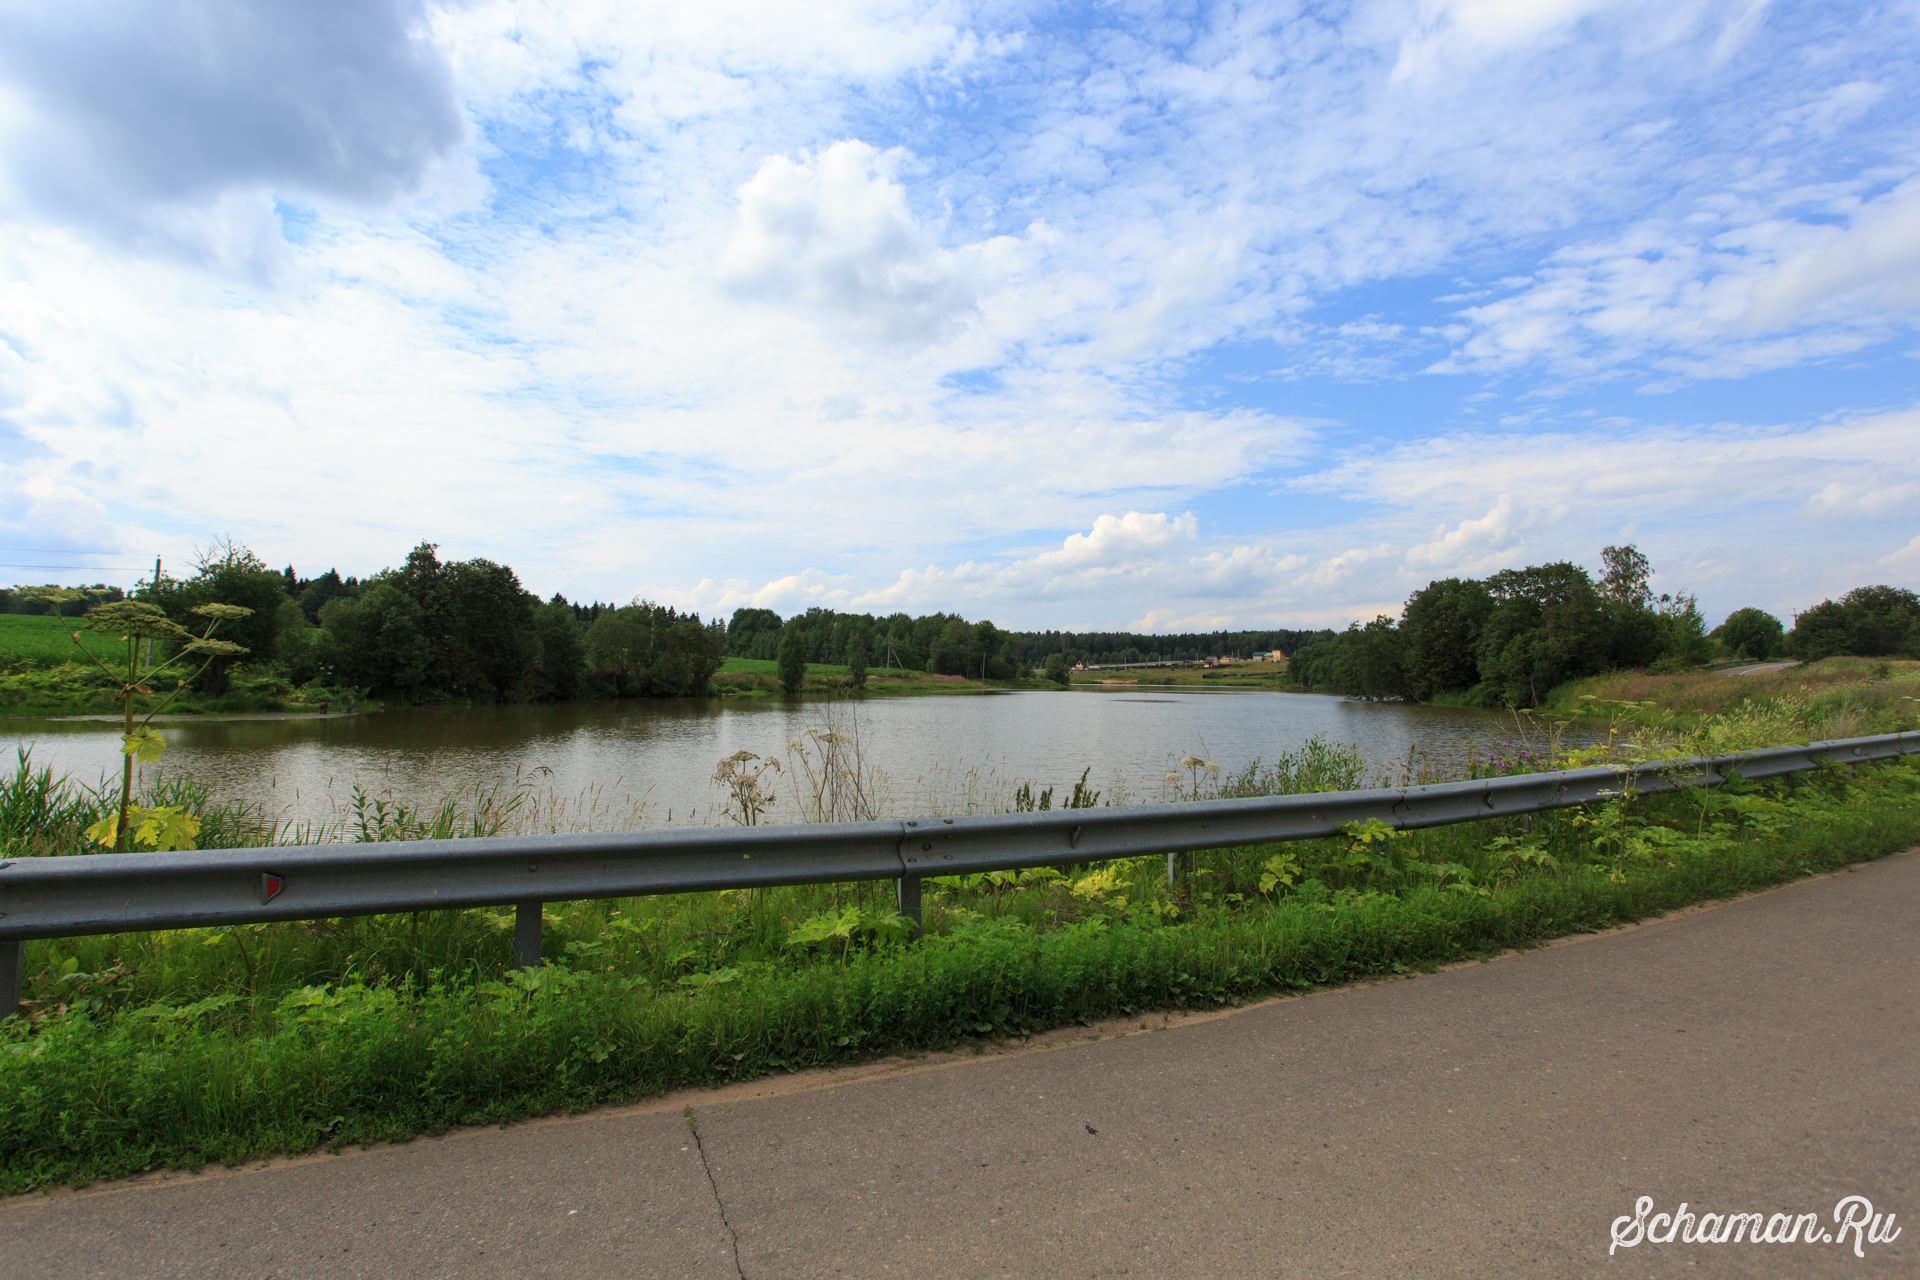 Михалёвская бухта (Пестовское водохранилище)